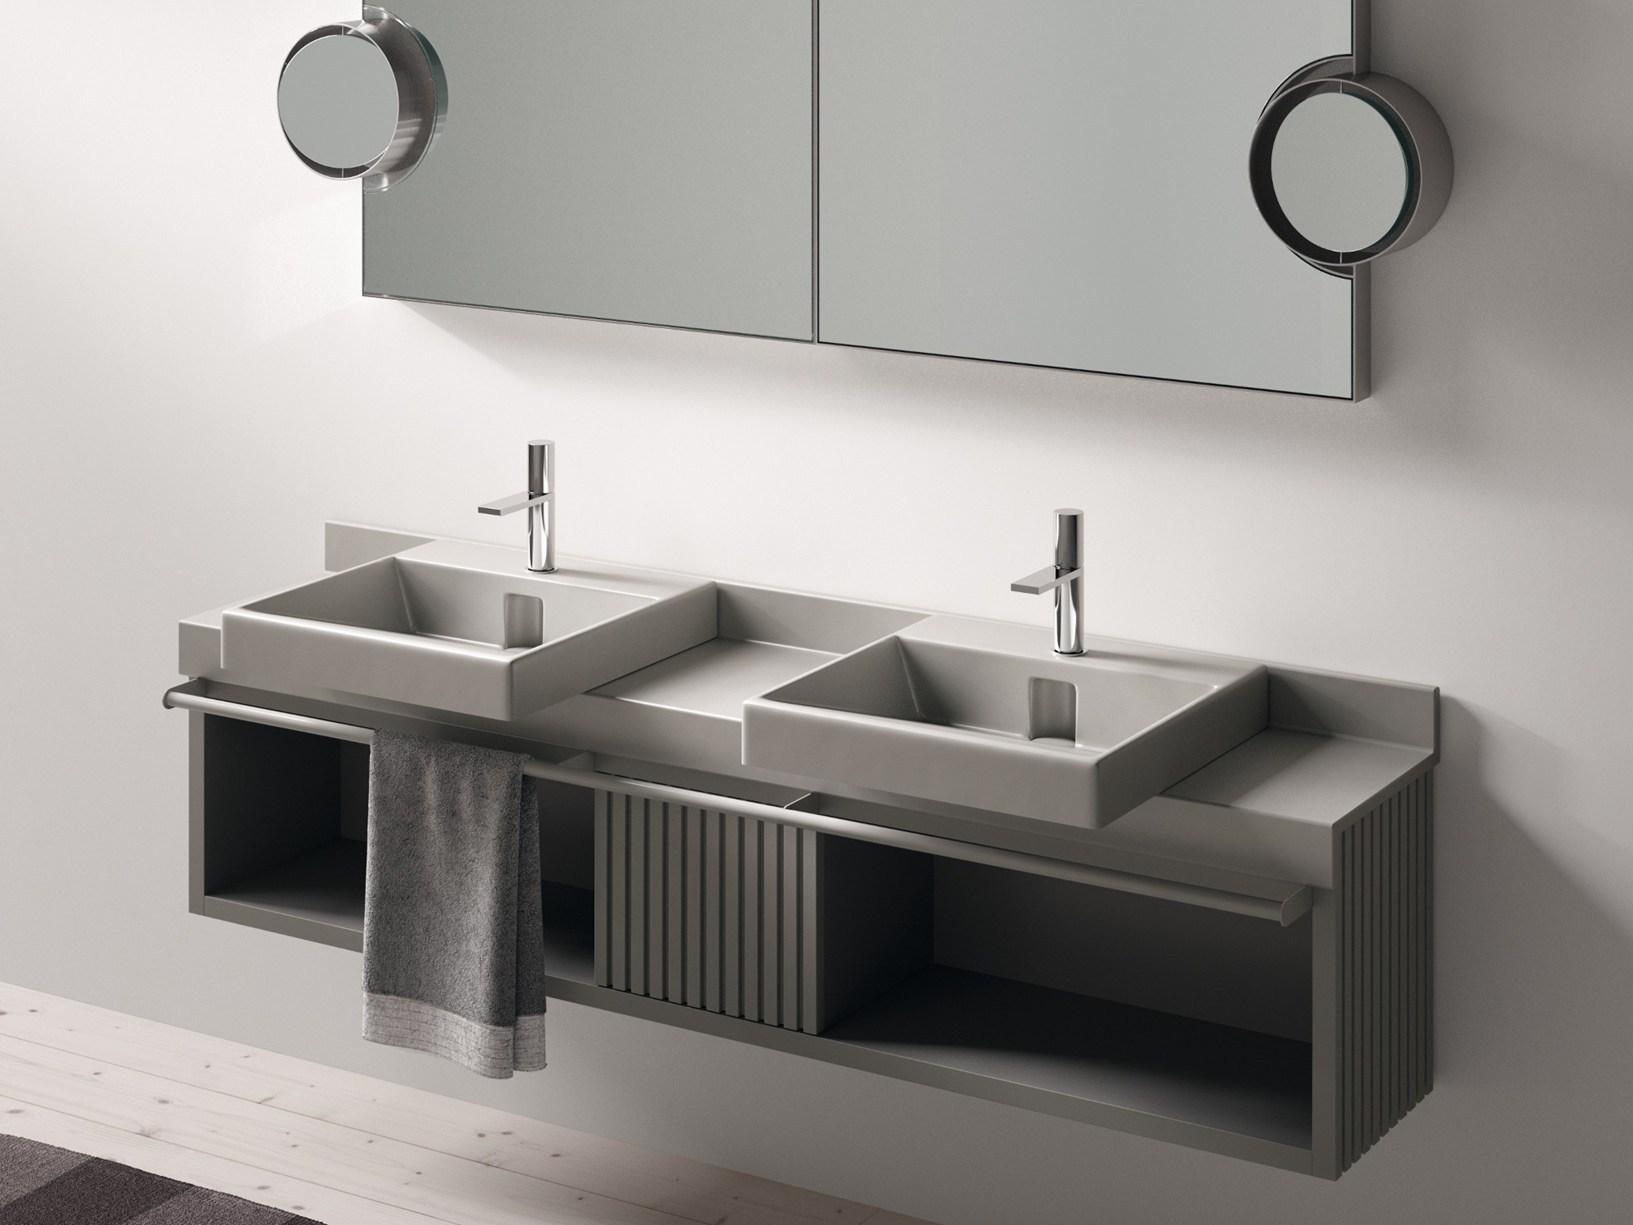 Il nuovo piano lavabo doppio in ceramica di cielo - Mobile bagno profondita 35 ...